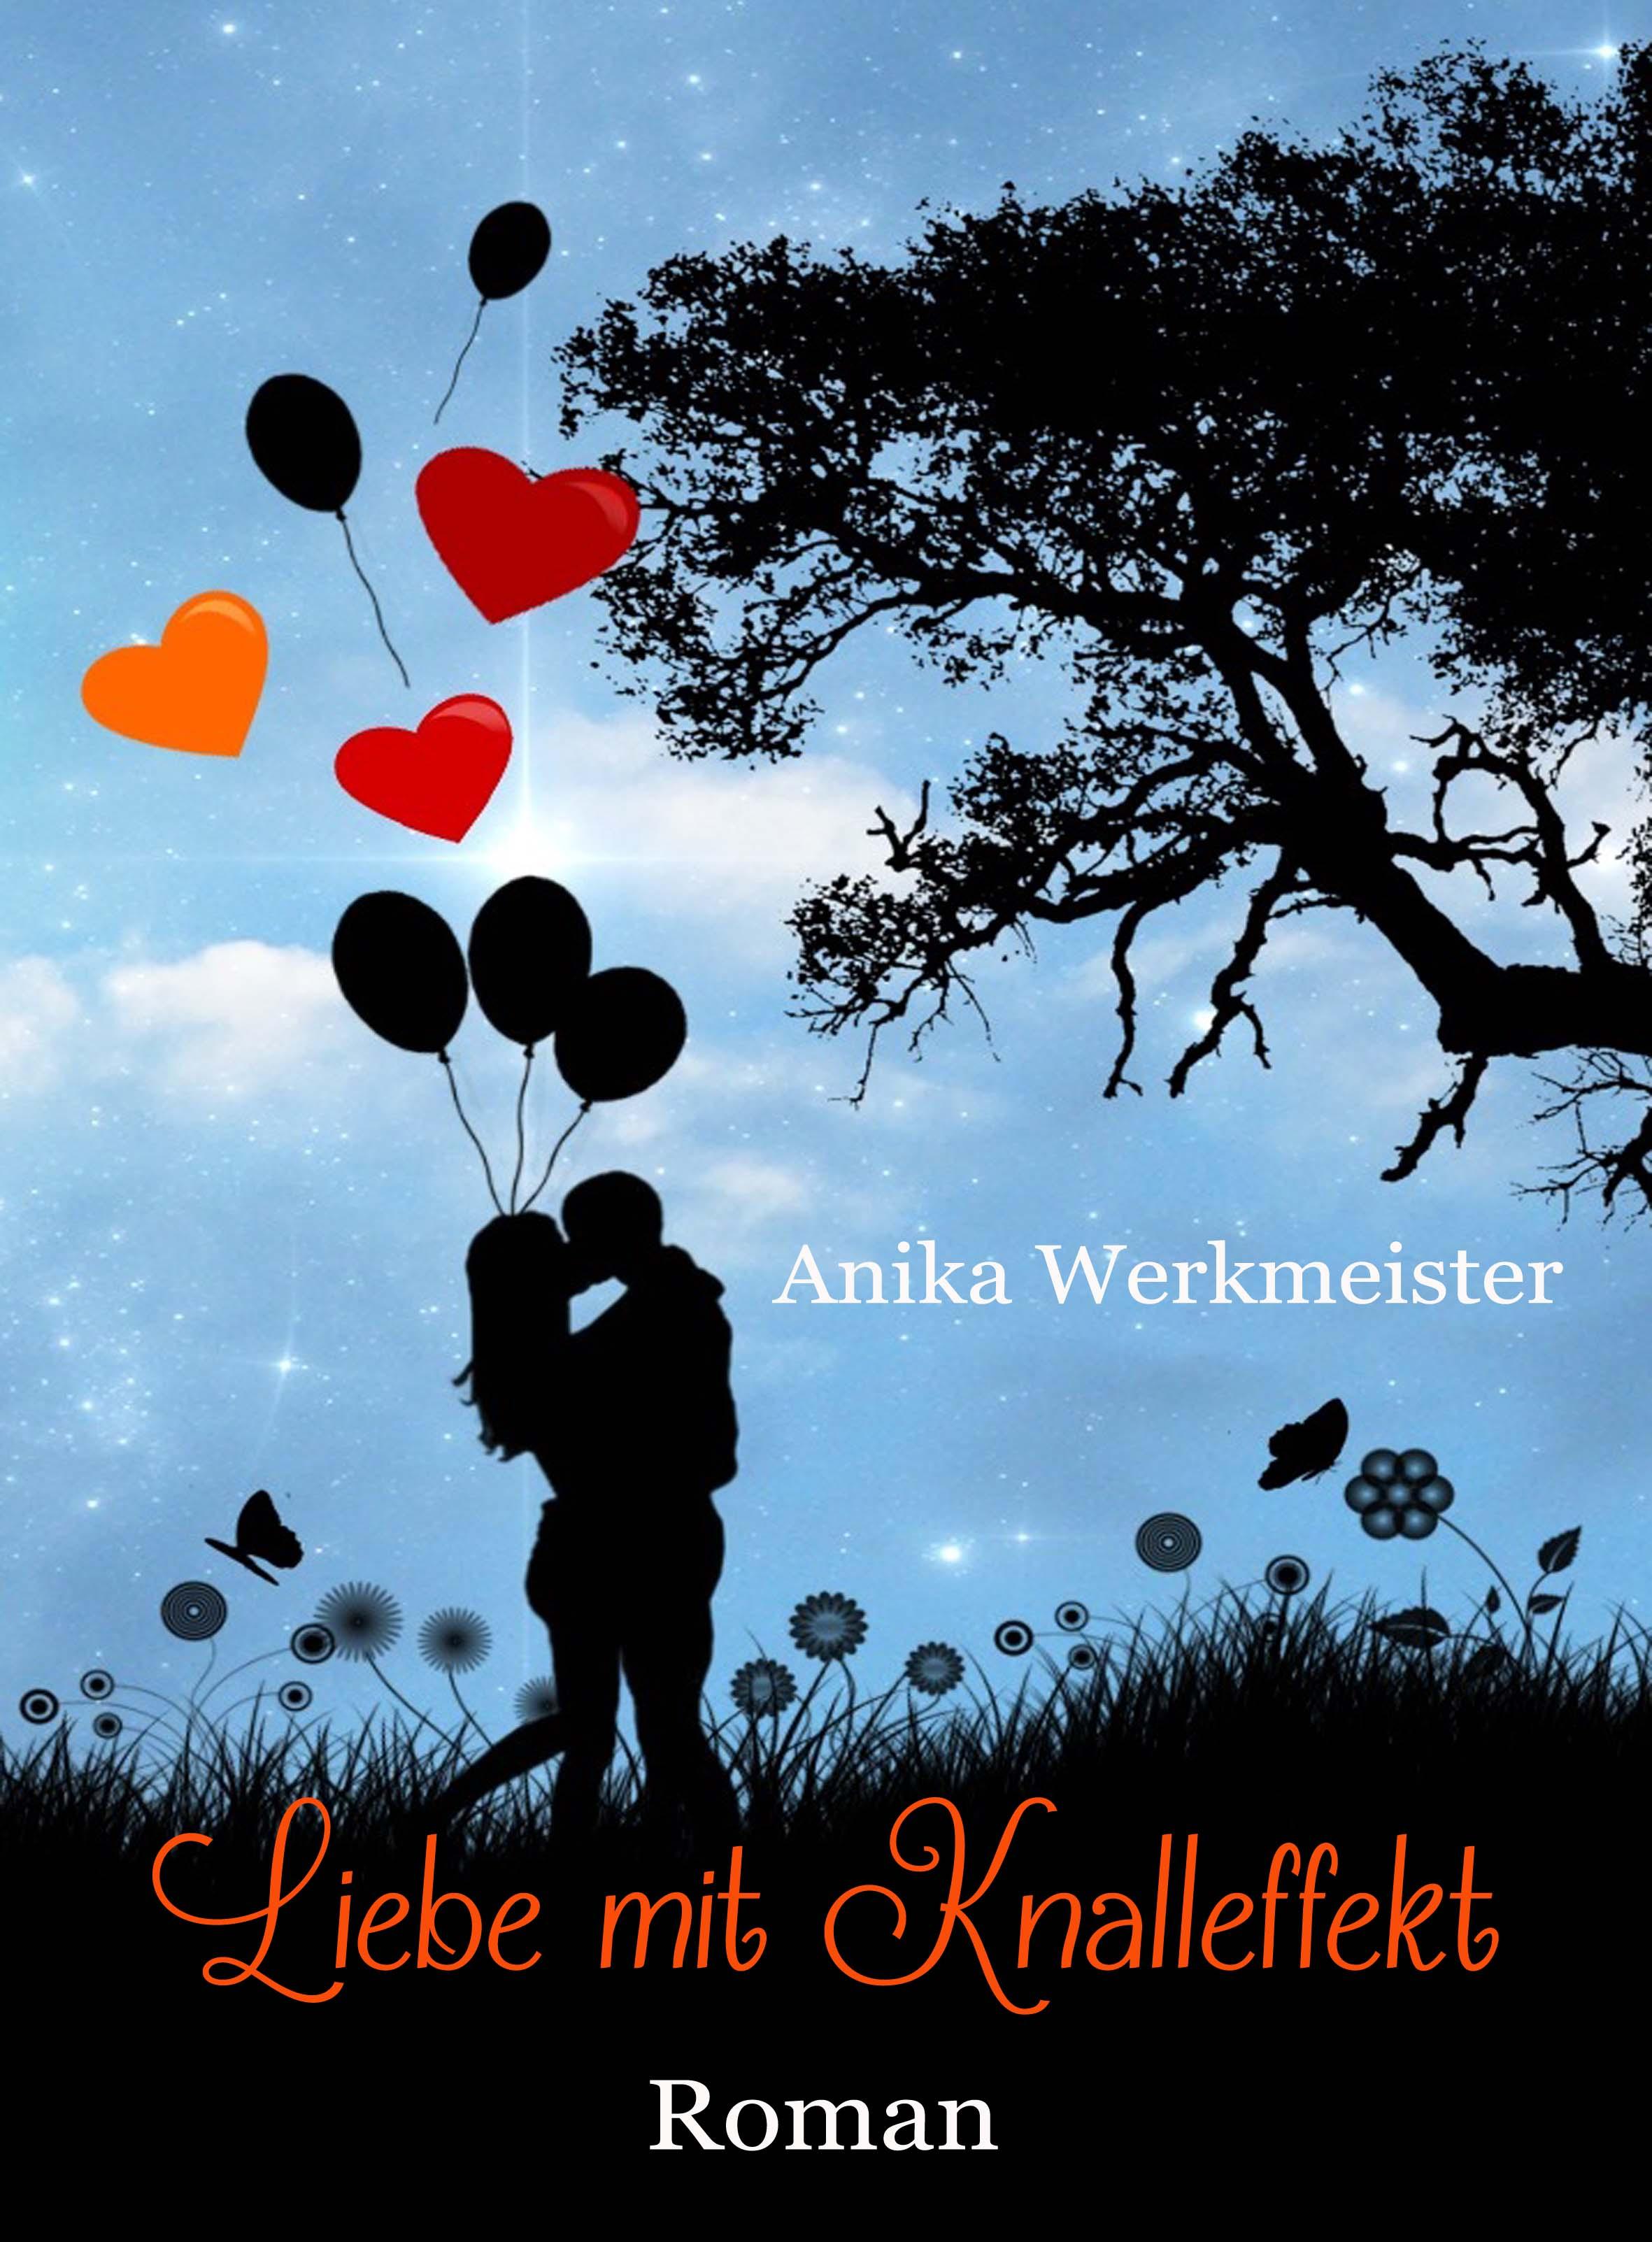 Anika Werkmeister